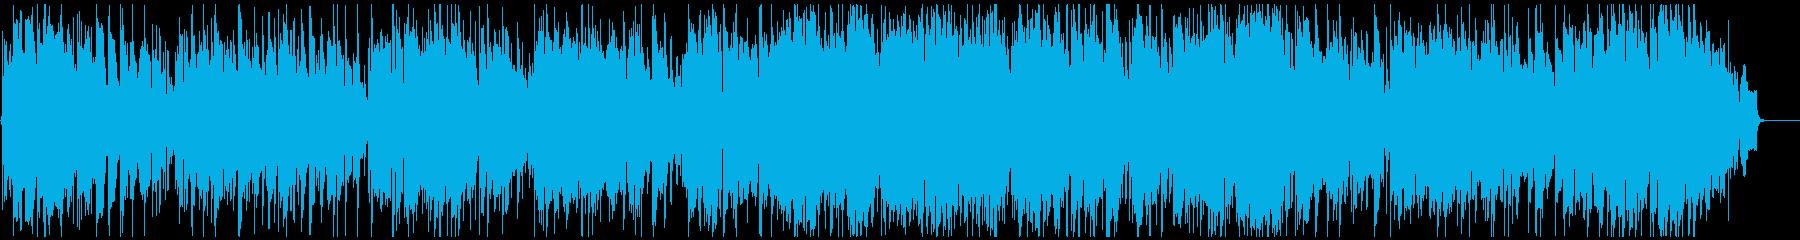 軽快なジャズワルツ ソプラノサックス生録の再生済みの波形